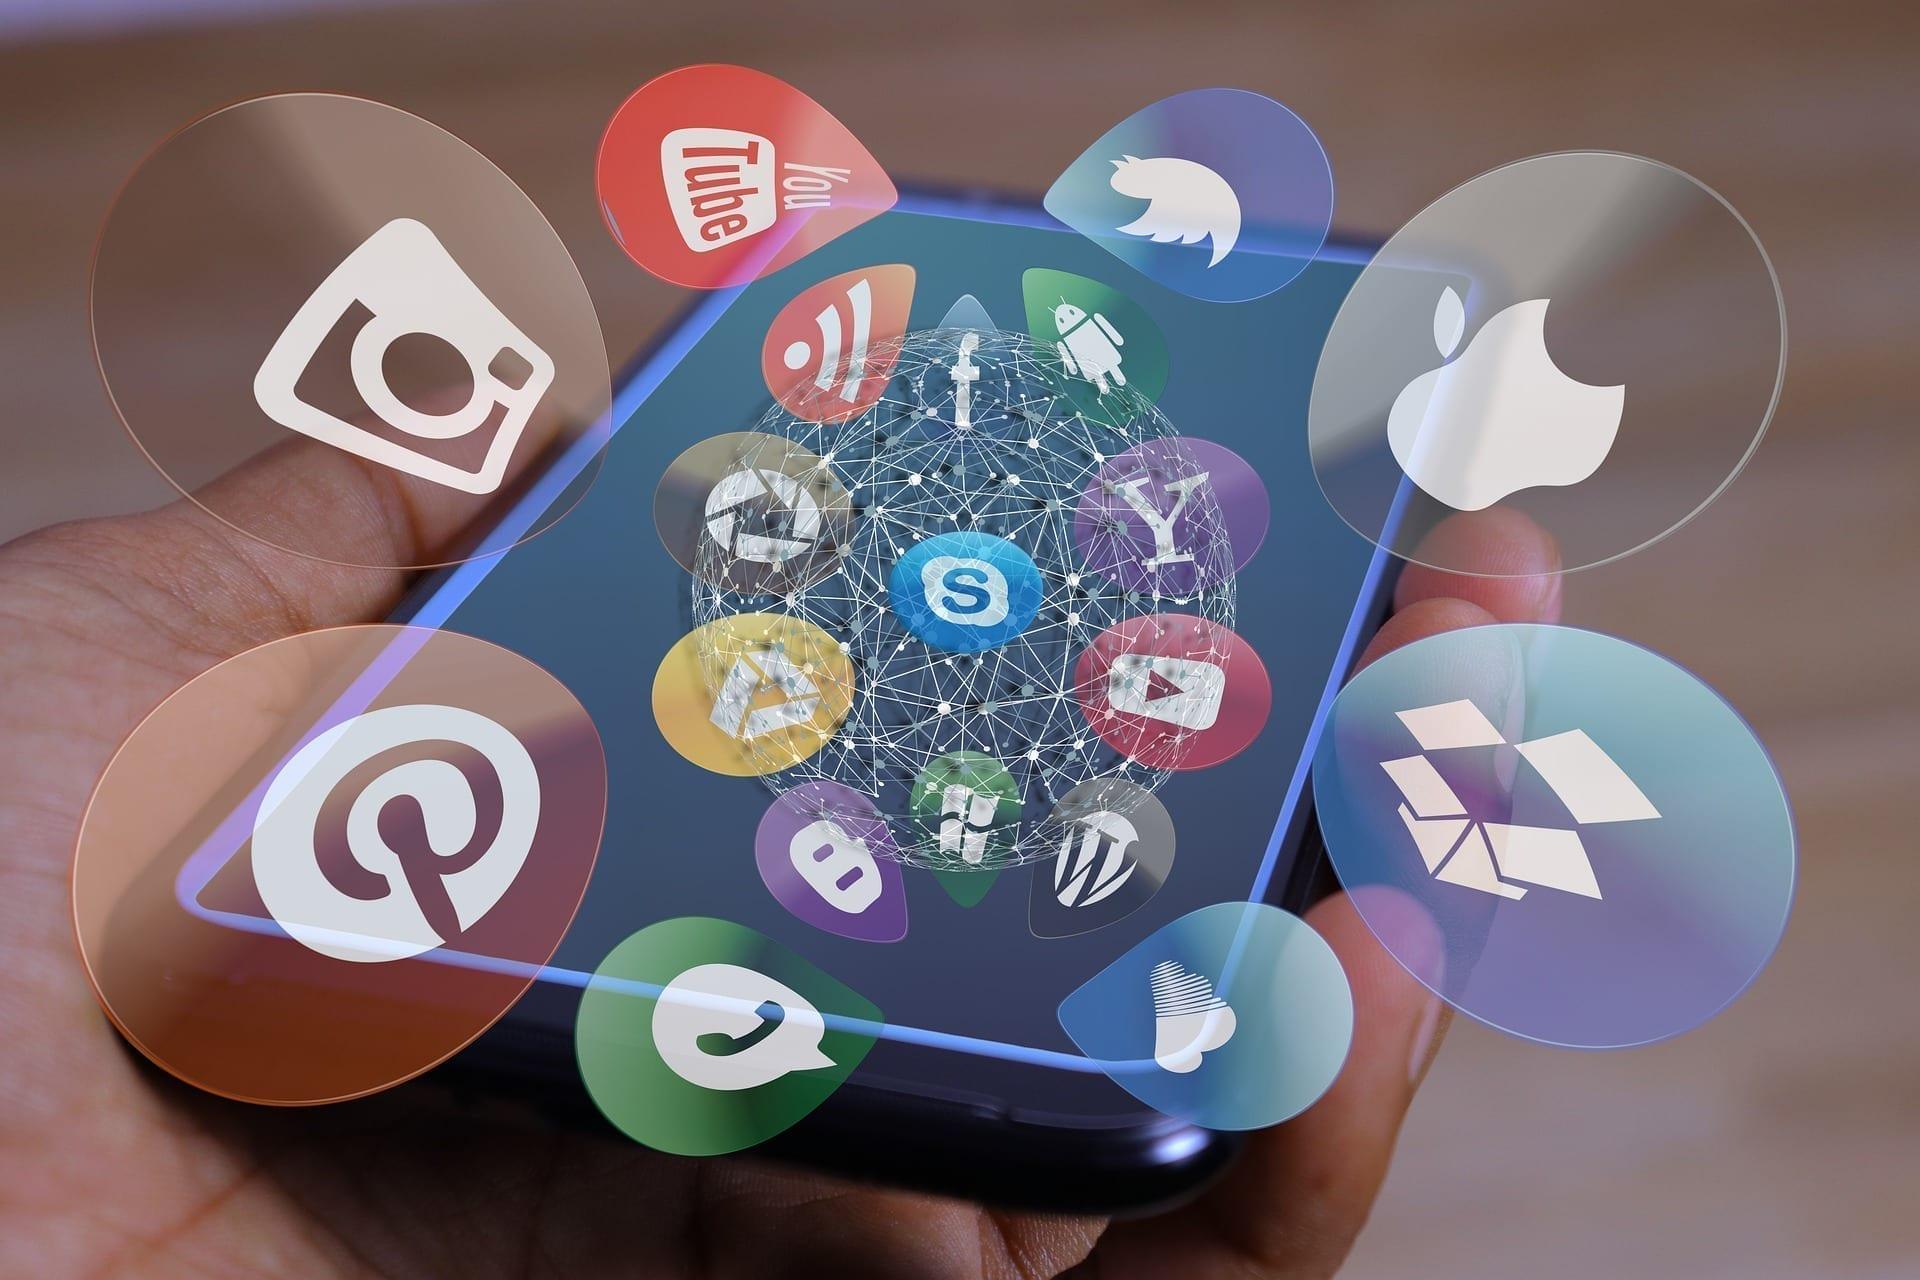 Votre site Web visible et partagé sur tous vos réseaux sociaux